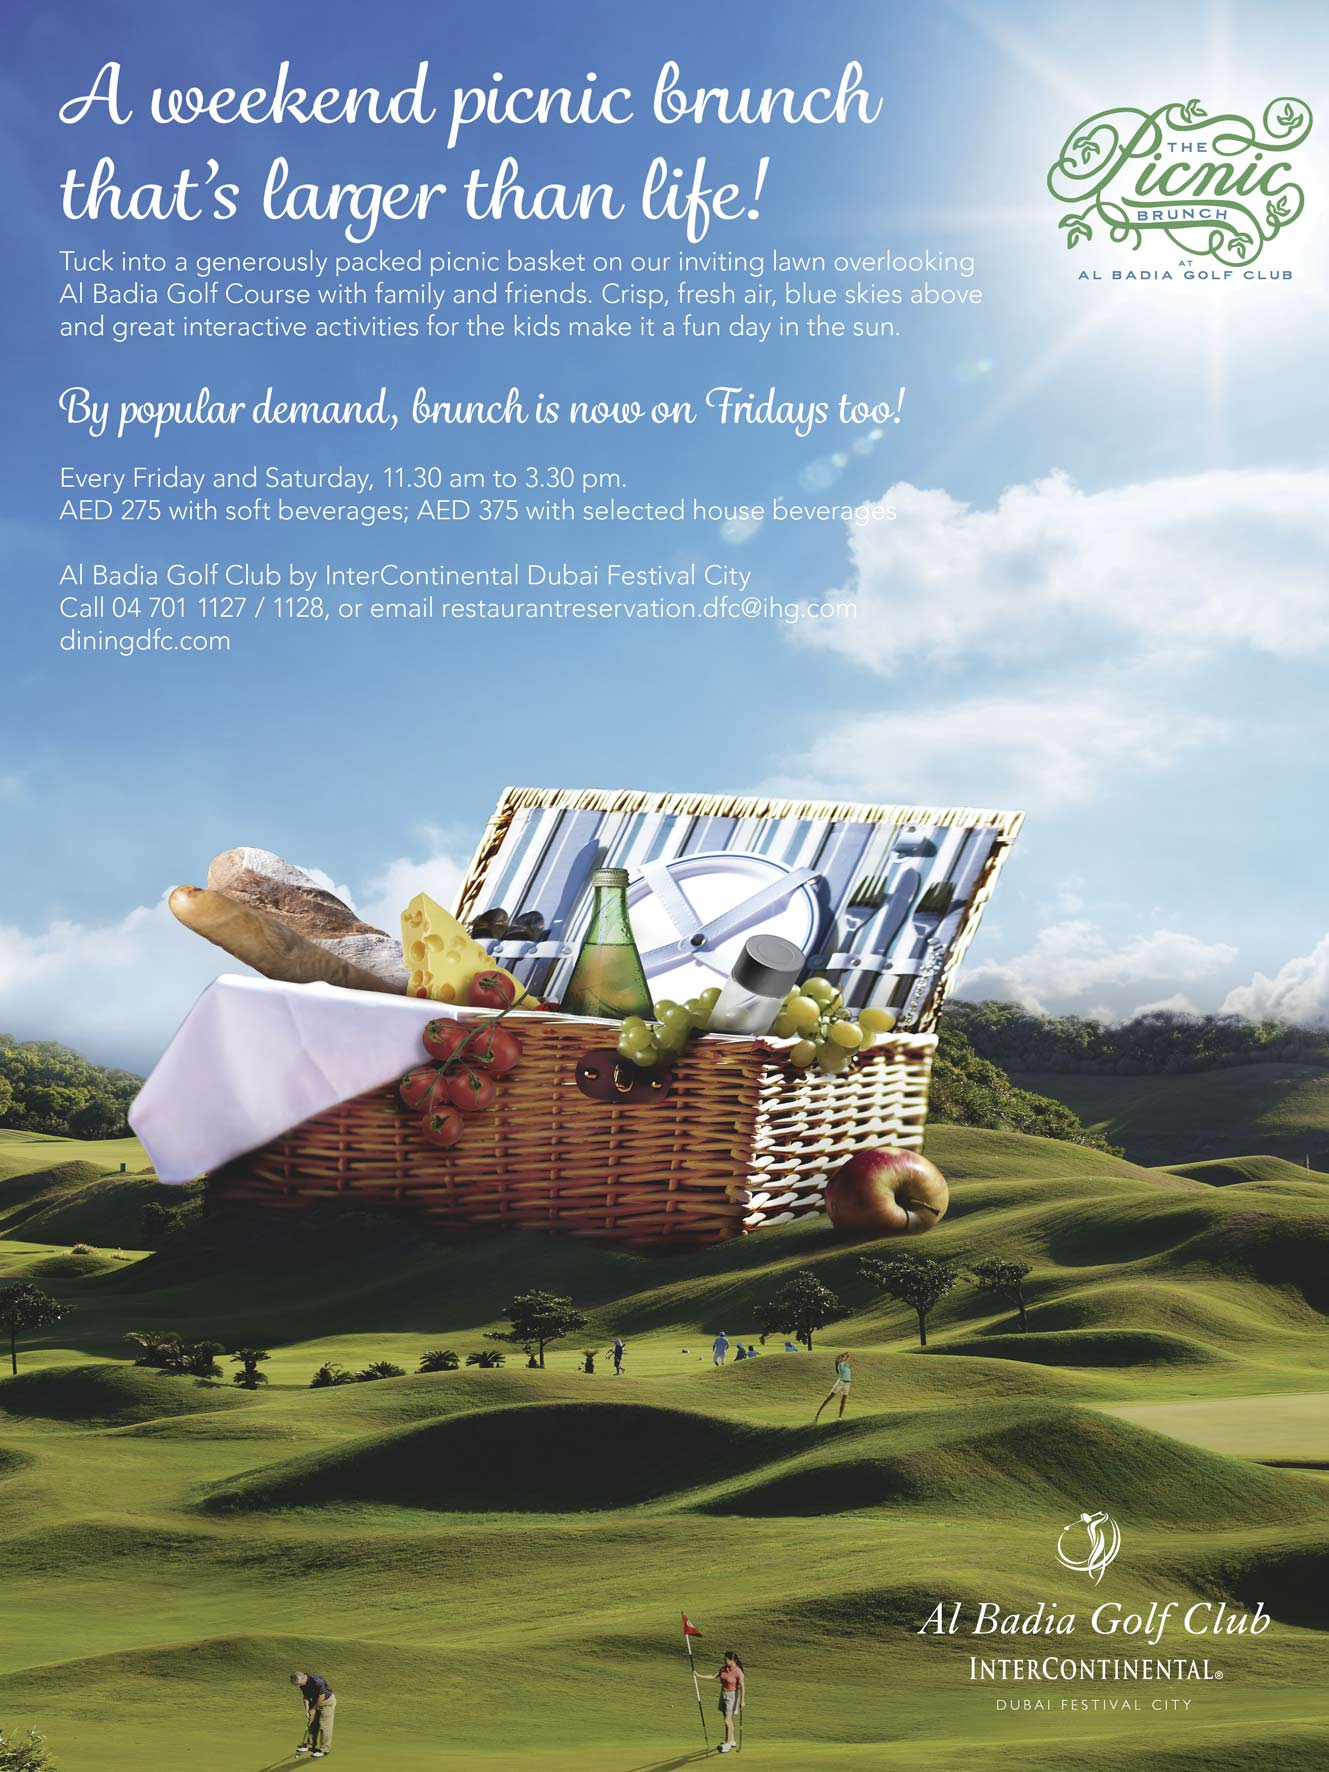 Al Badia Golf Club Picnic Brunch